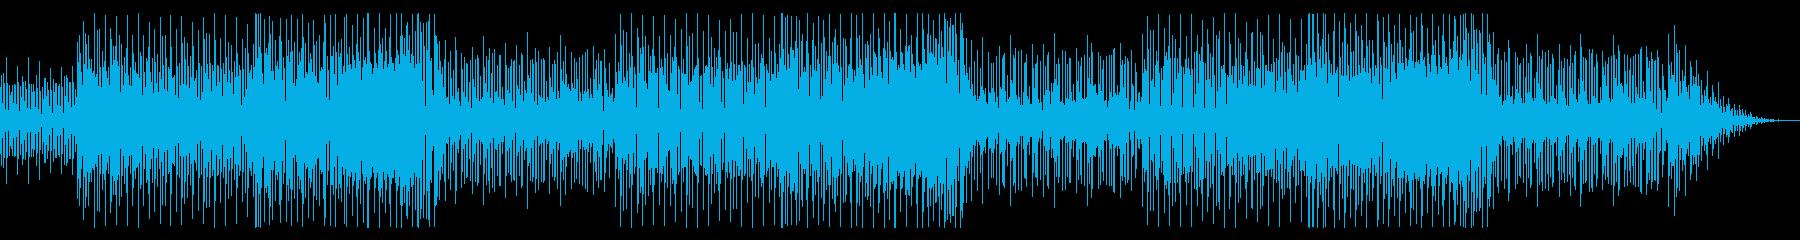 軽快なピアノ 爽やかなBGMの再生済みの波形